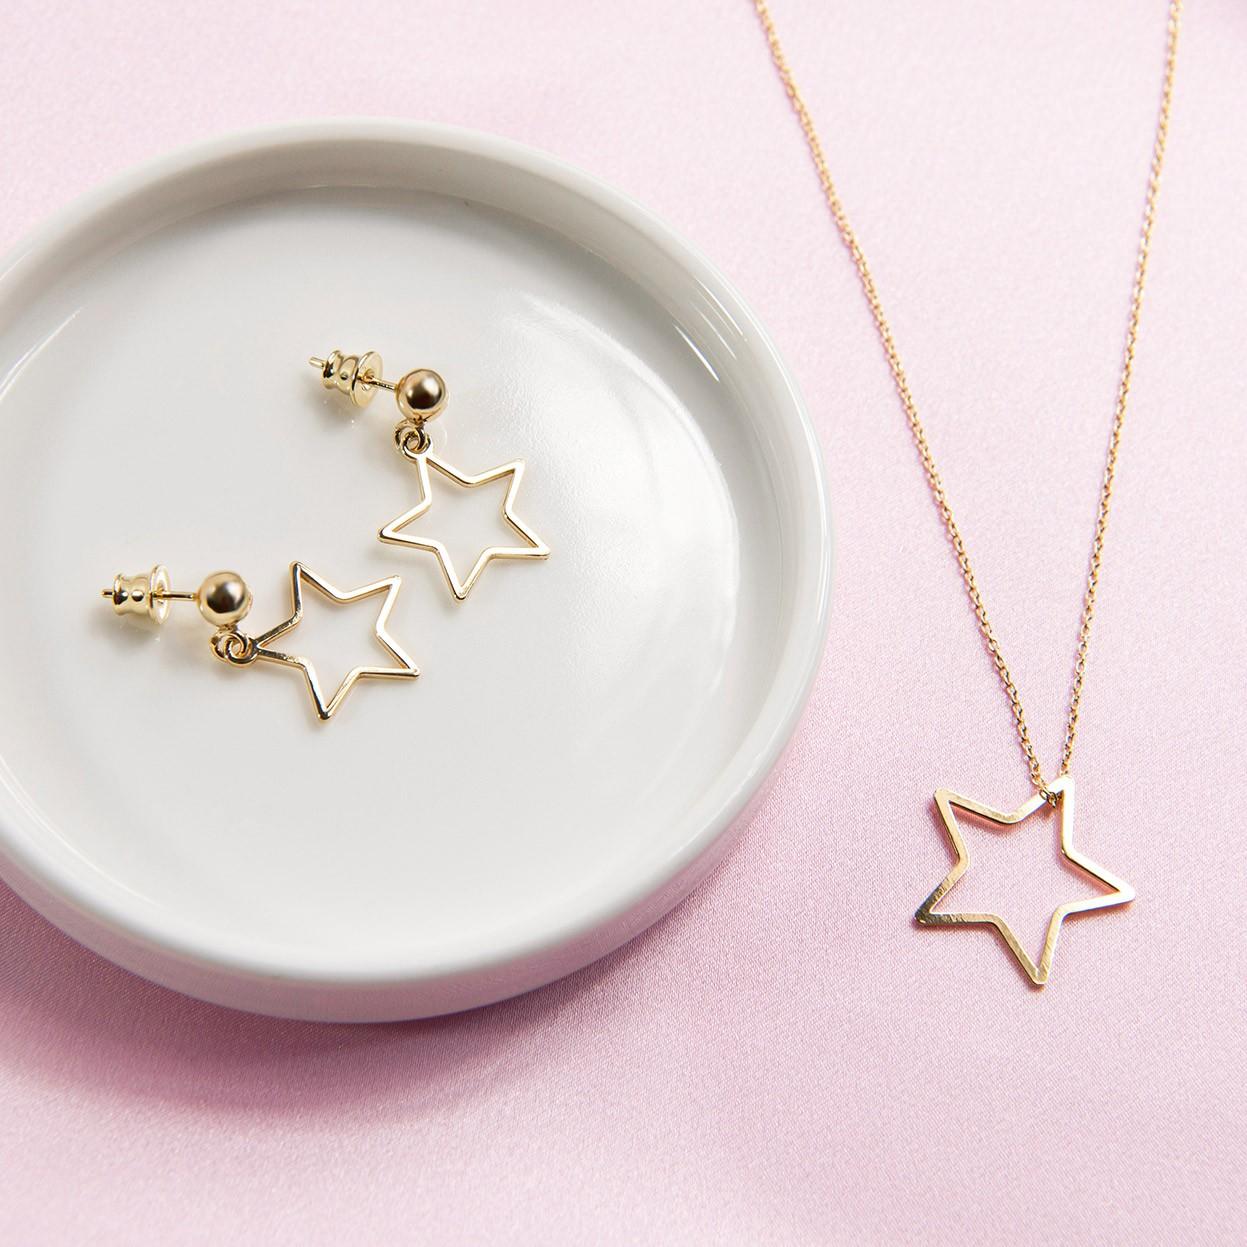 Kolczyki wiszące ażurowe gwiazdki MON DÉFI, srebro 925